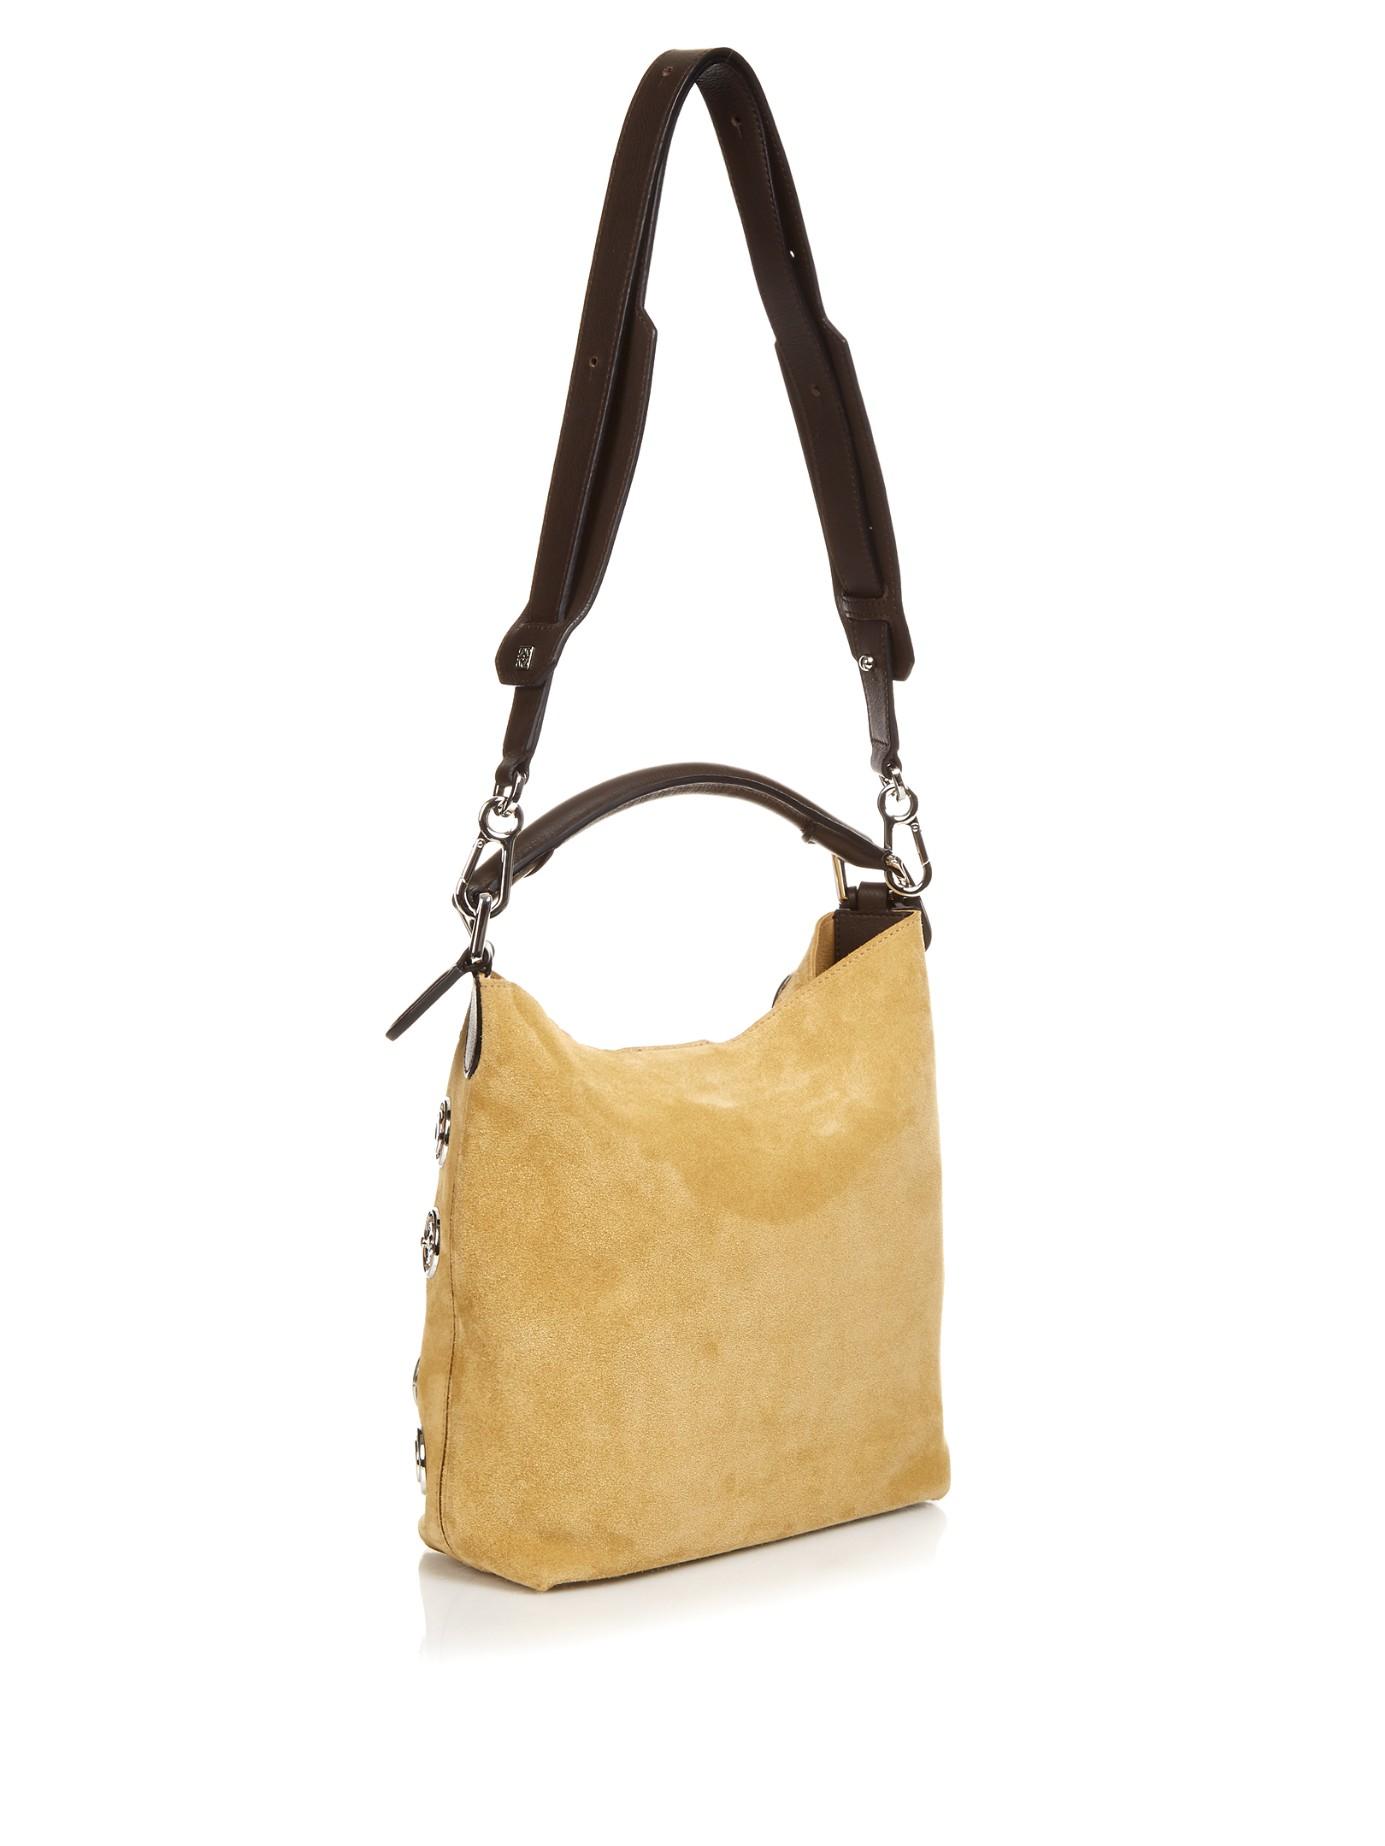 Loewe Hobo Suede Shoulder Bag in Natural | Lyst